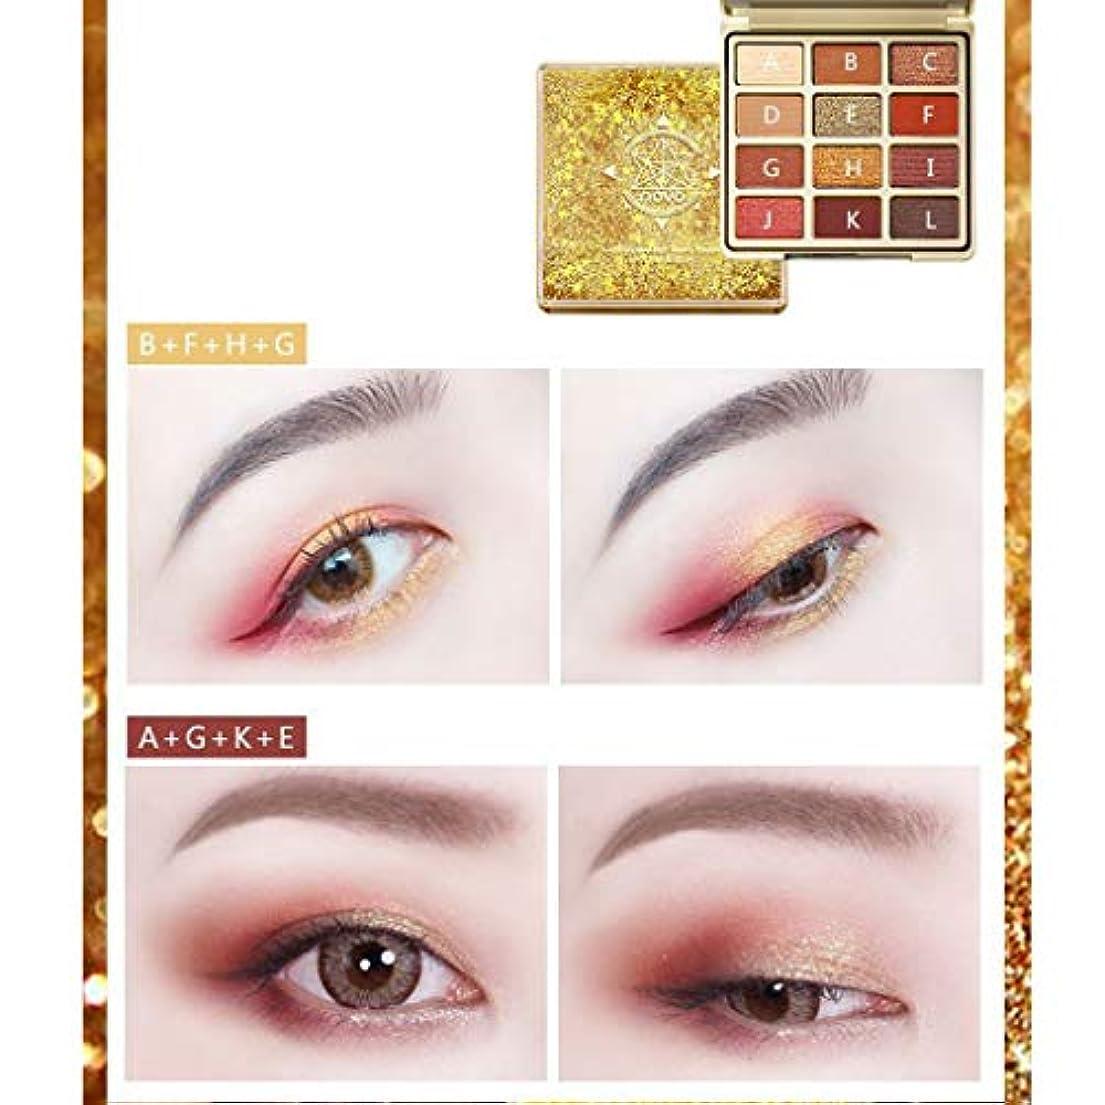 石工業化する胸Akane アイシャドウパレット Novo ファッション INS 人気 超綺麗 美しい キラキラ 優雅な 防水 魅力的 高級 可愛い 持ち便利 日常 Eye Shadow (12色) 103